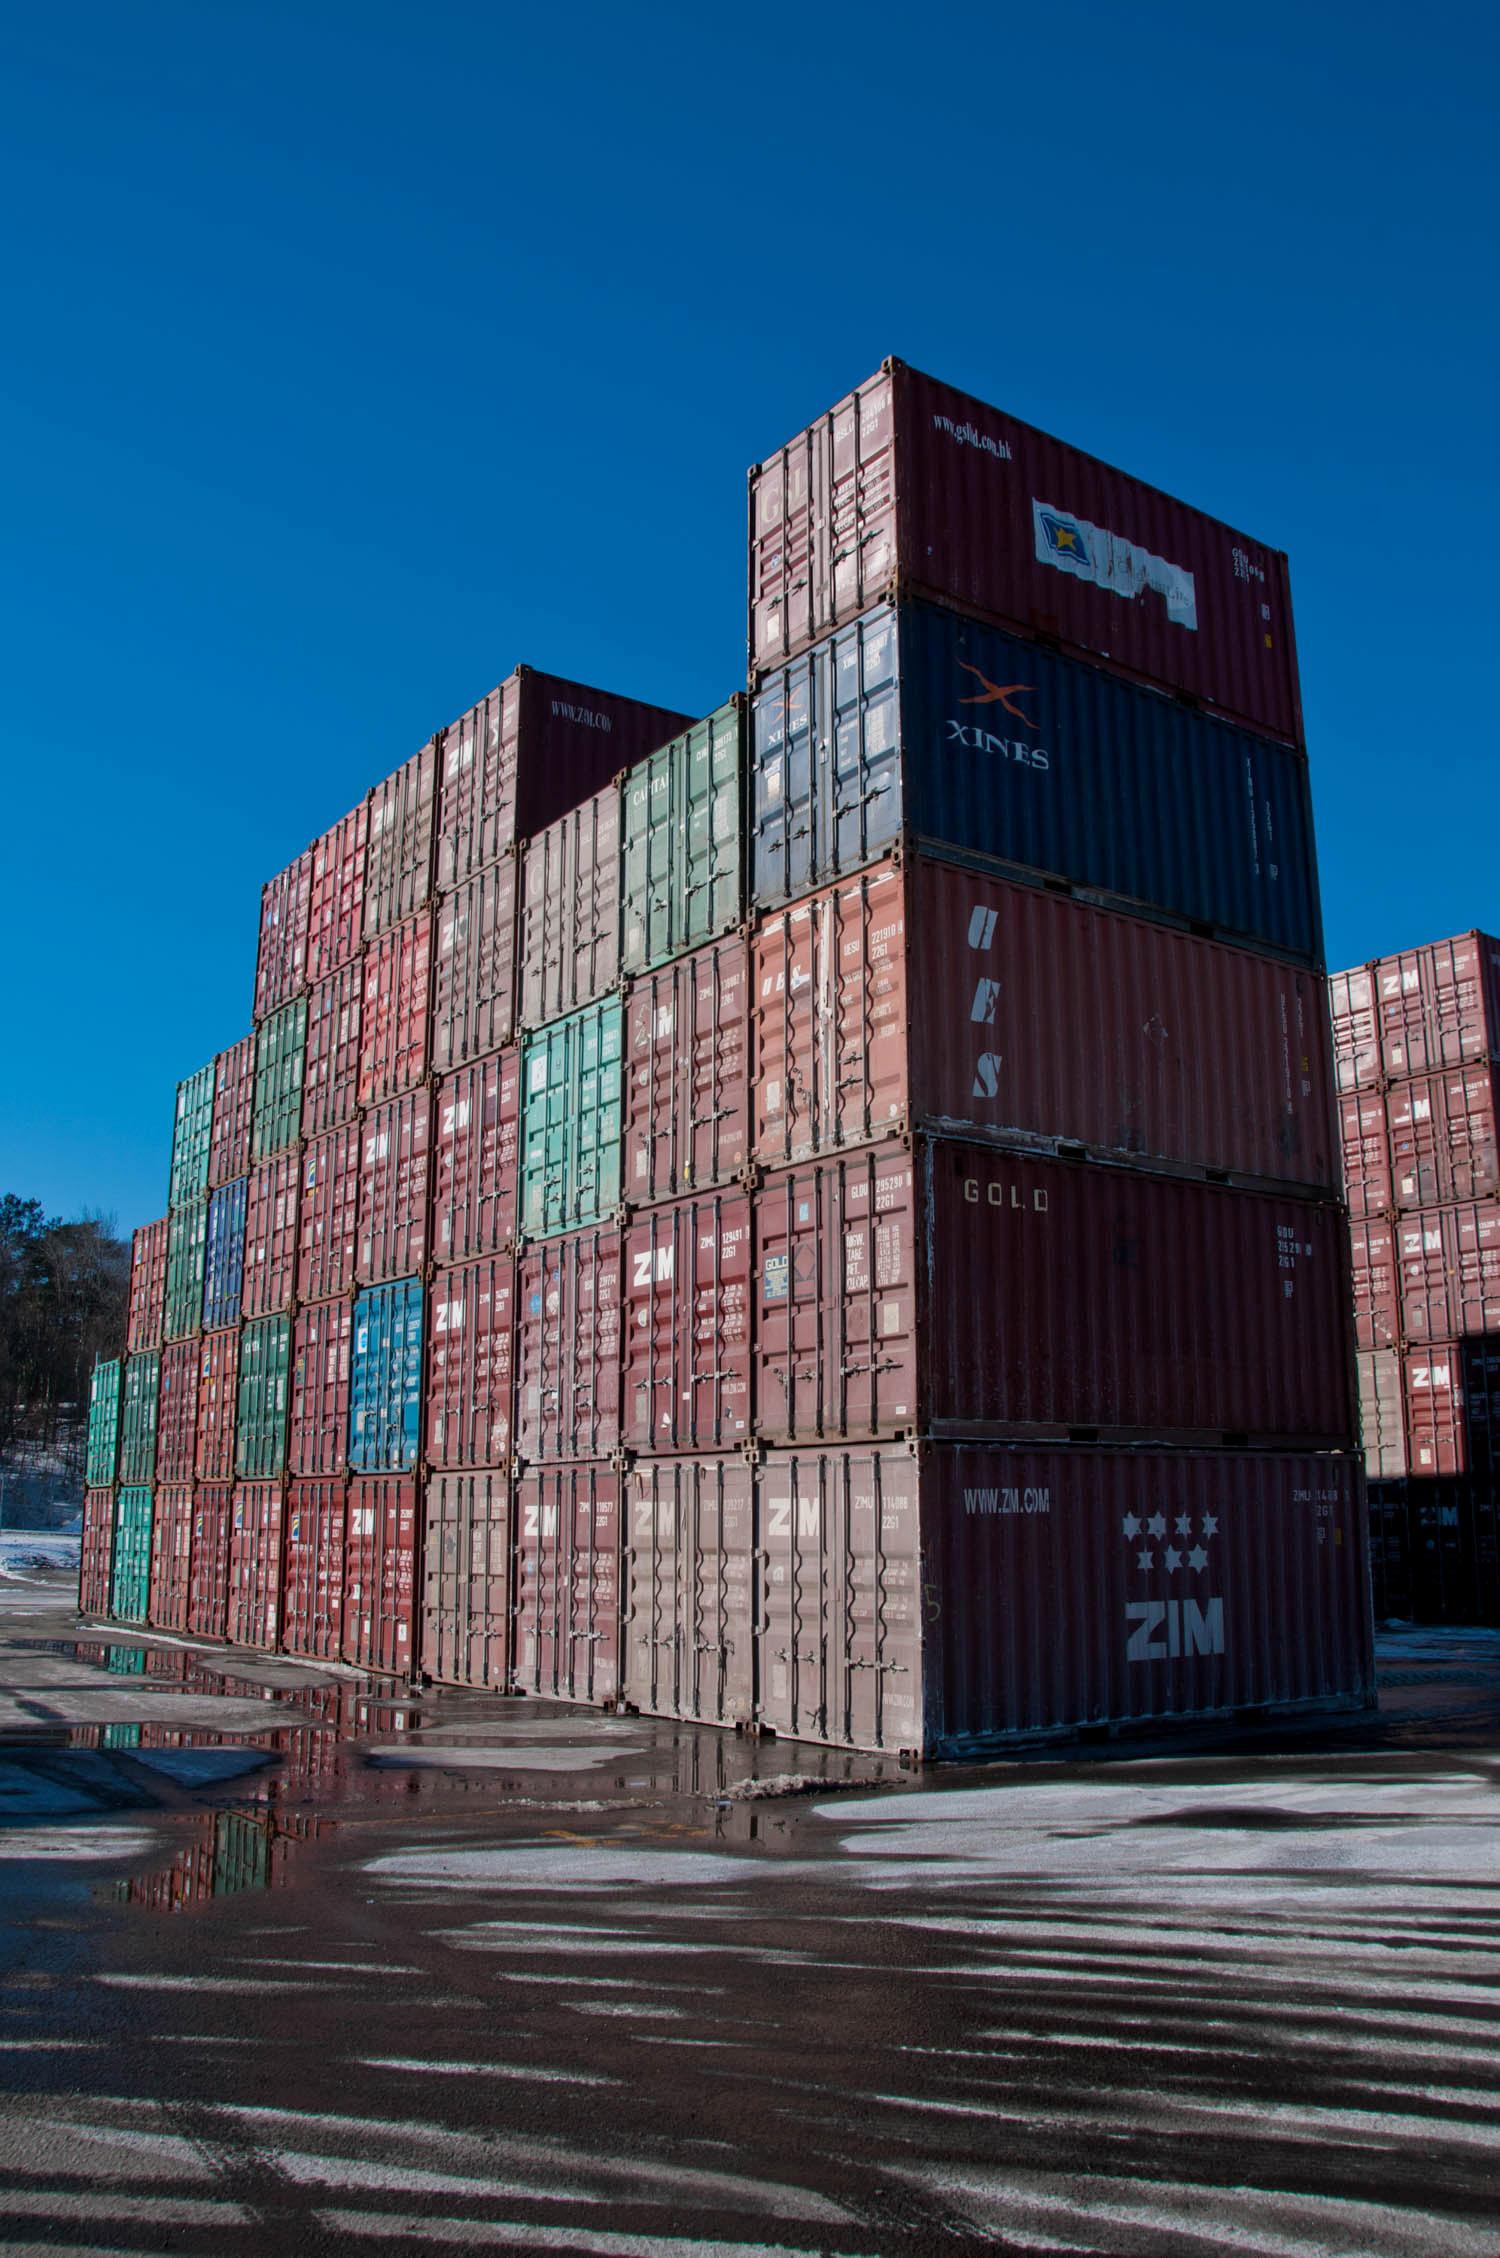 amfraser-Bloomberg News-Port of Halifax-Halterm Container Terminal-Halifax NS-7281-photo by Aaron McKenzie Fraser-www.amfraser.com-.jpg